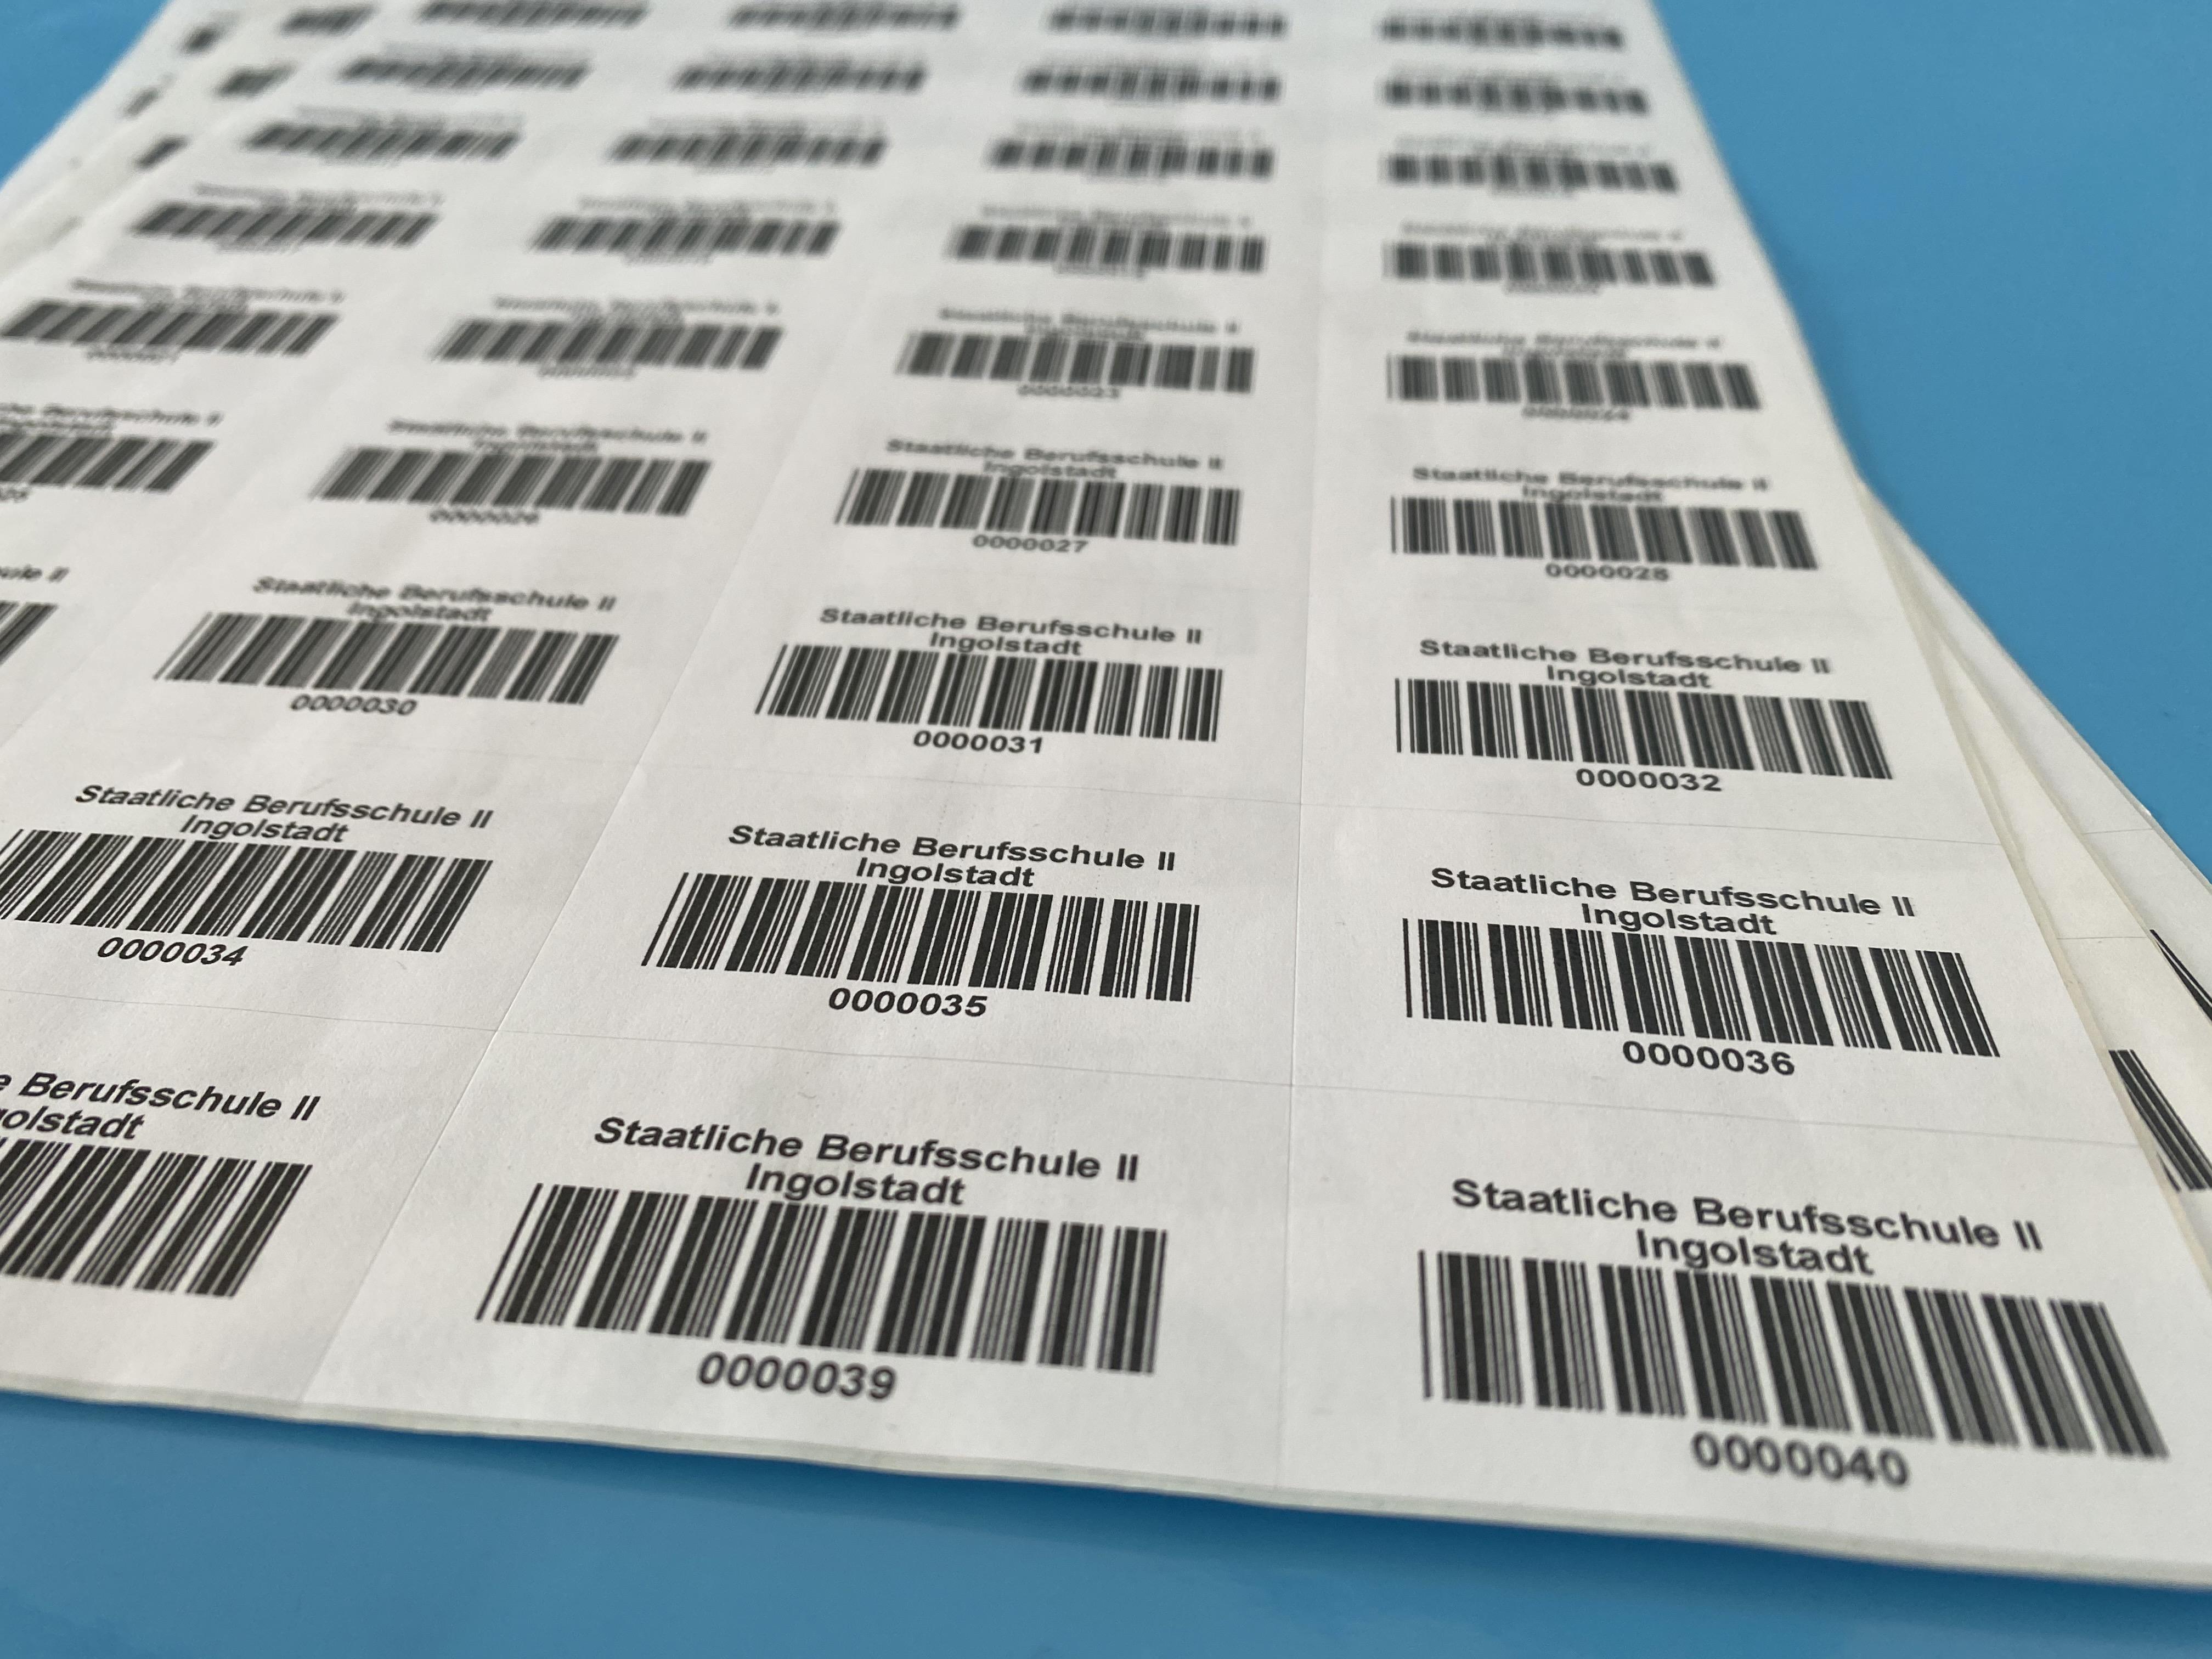 Individuell bedruckte Laser-Barcode-Etiketten auf Bögen